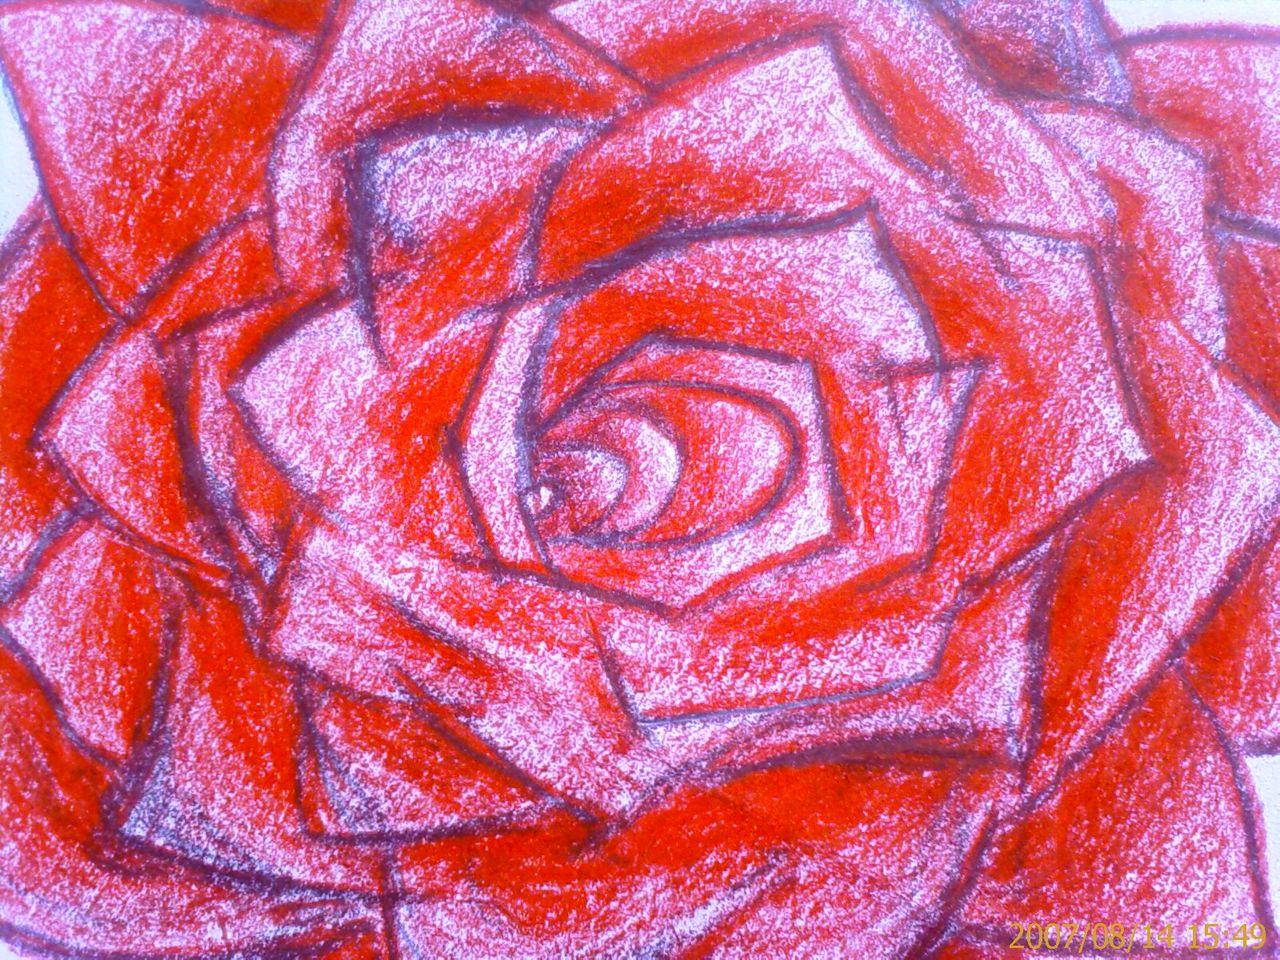 彩色铅笔画玫瑰花 铅笔画玫瑰花的画法 彩色铅笔画玫瑰花图片